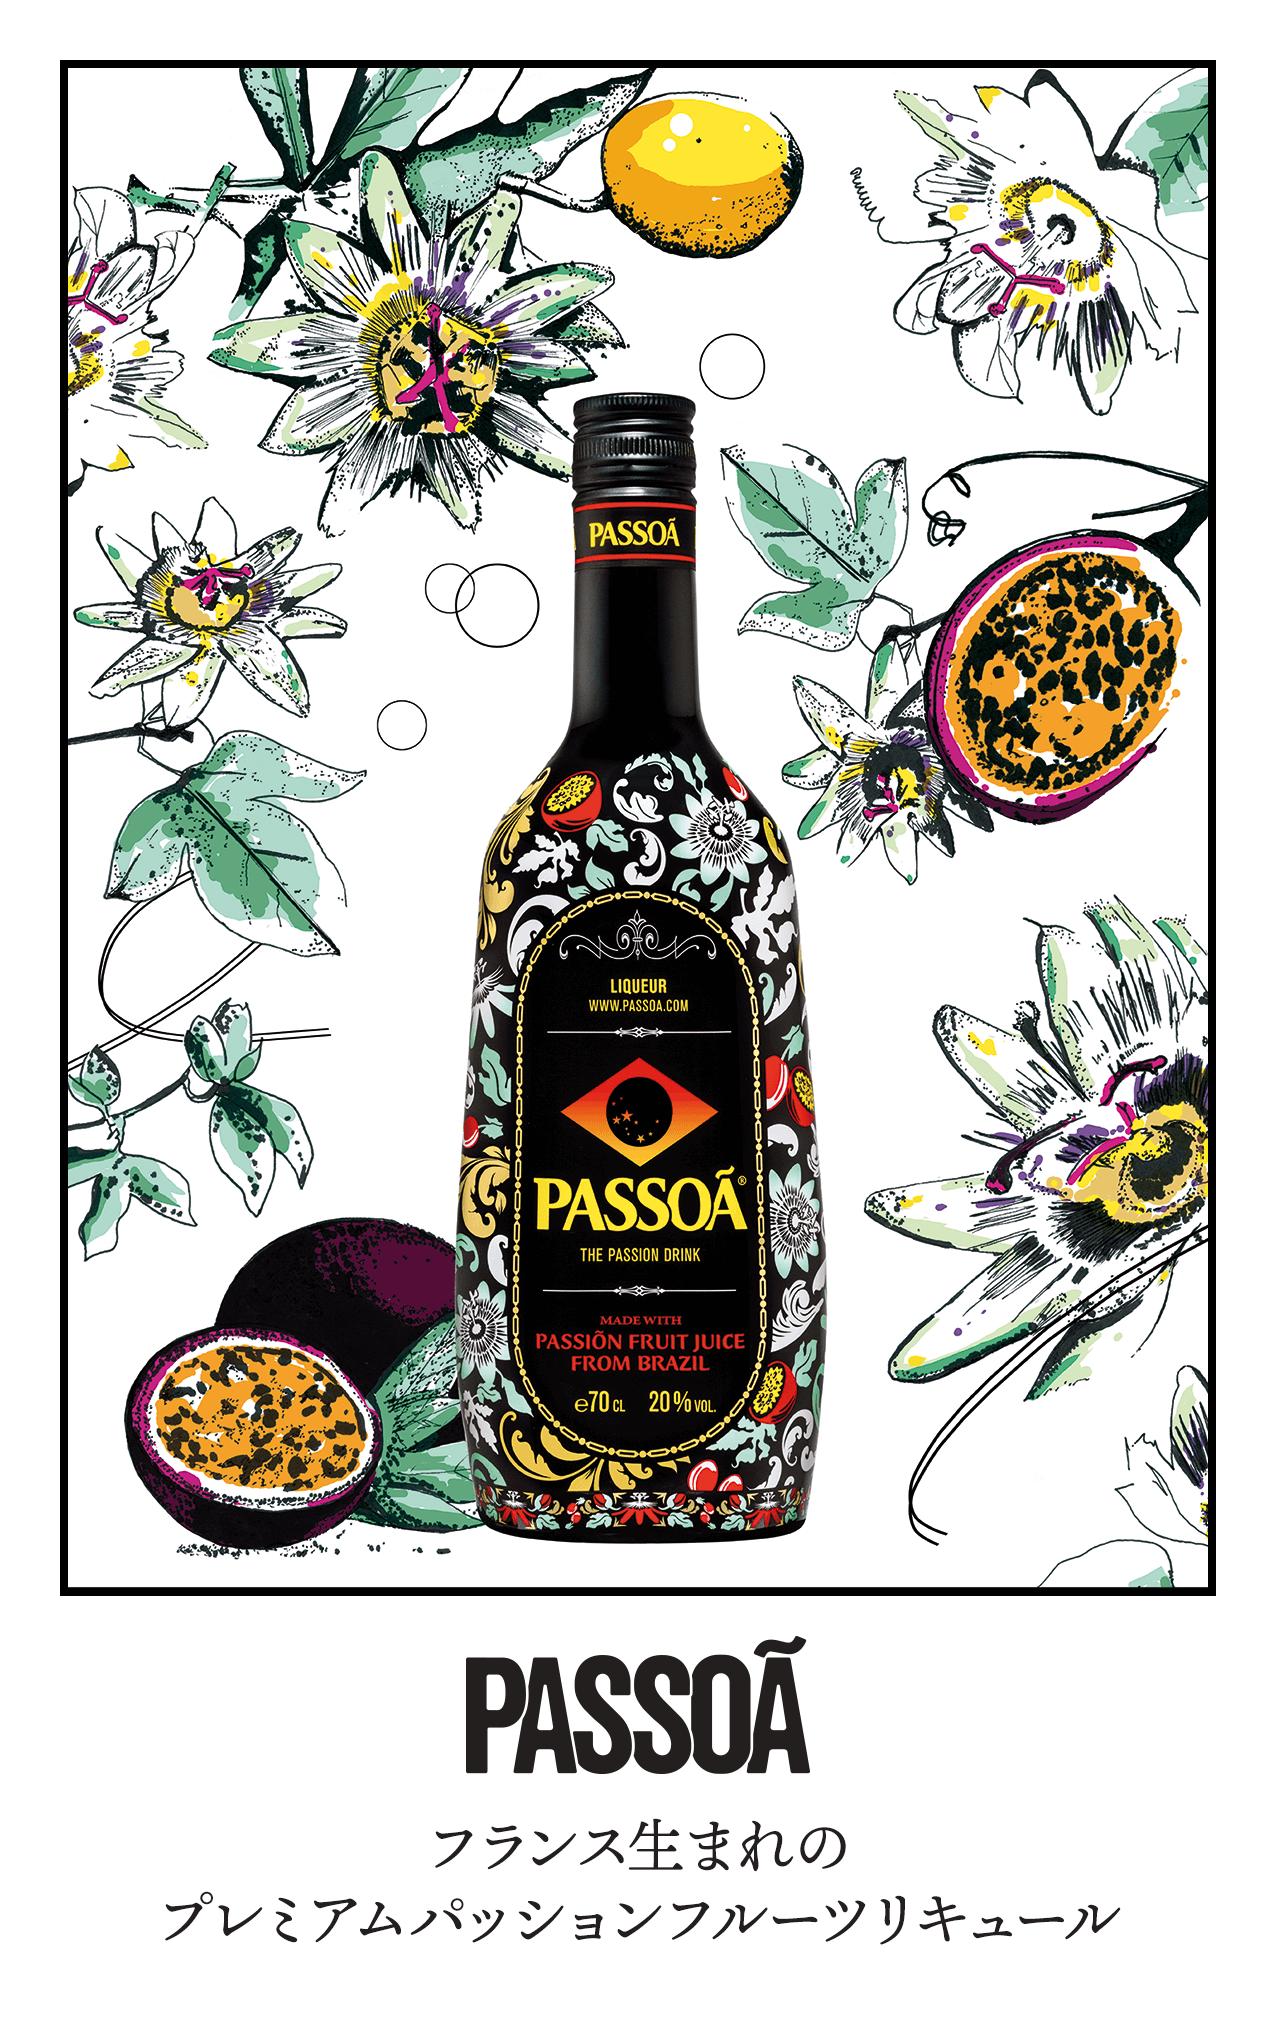 PASSOA(パッソア) フランス生まれのプレミアムパッションフルーツリキュール